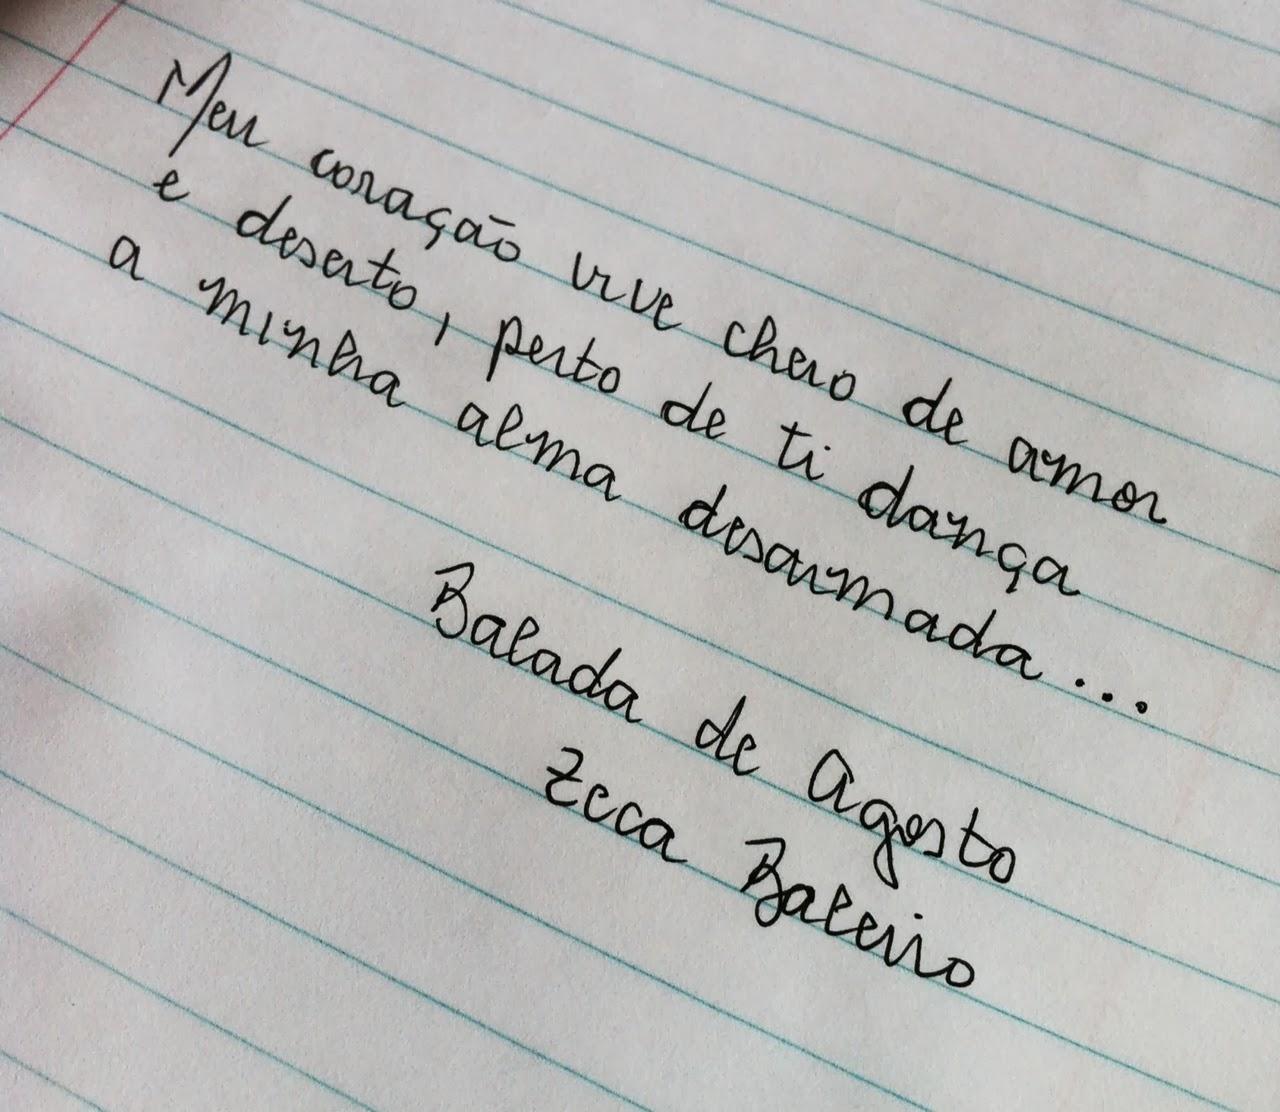 Tag Letras De Musicas Mais Lindas De Amor